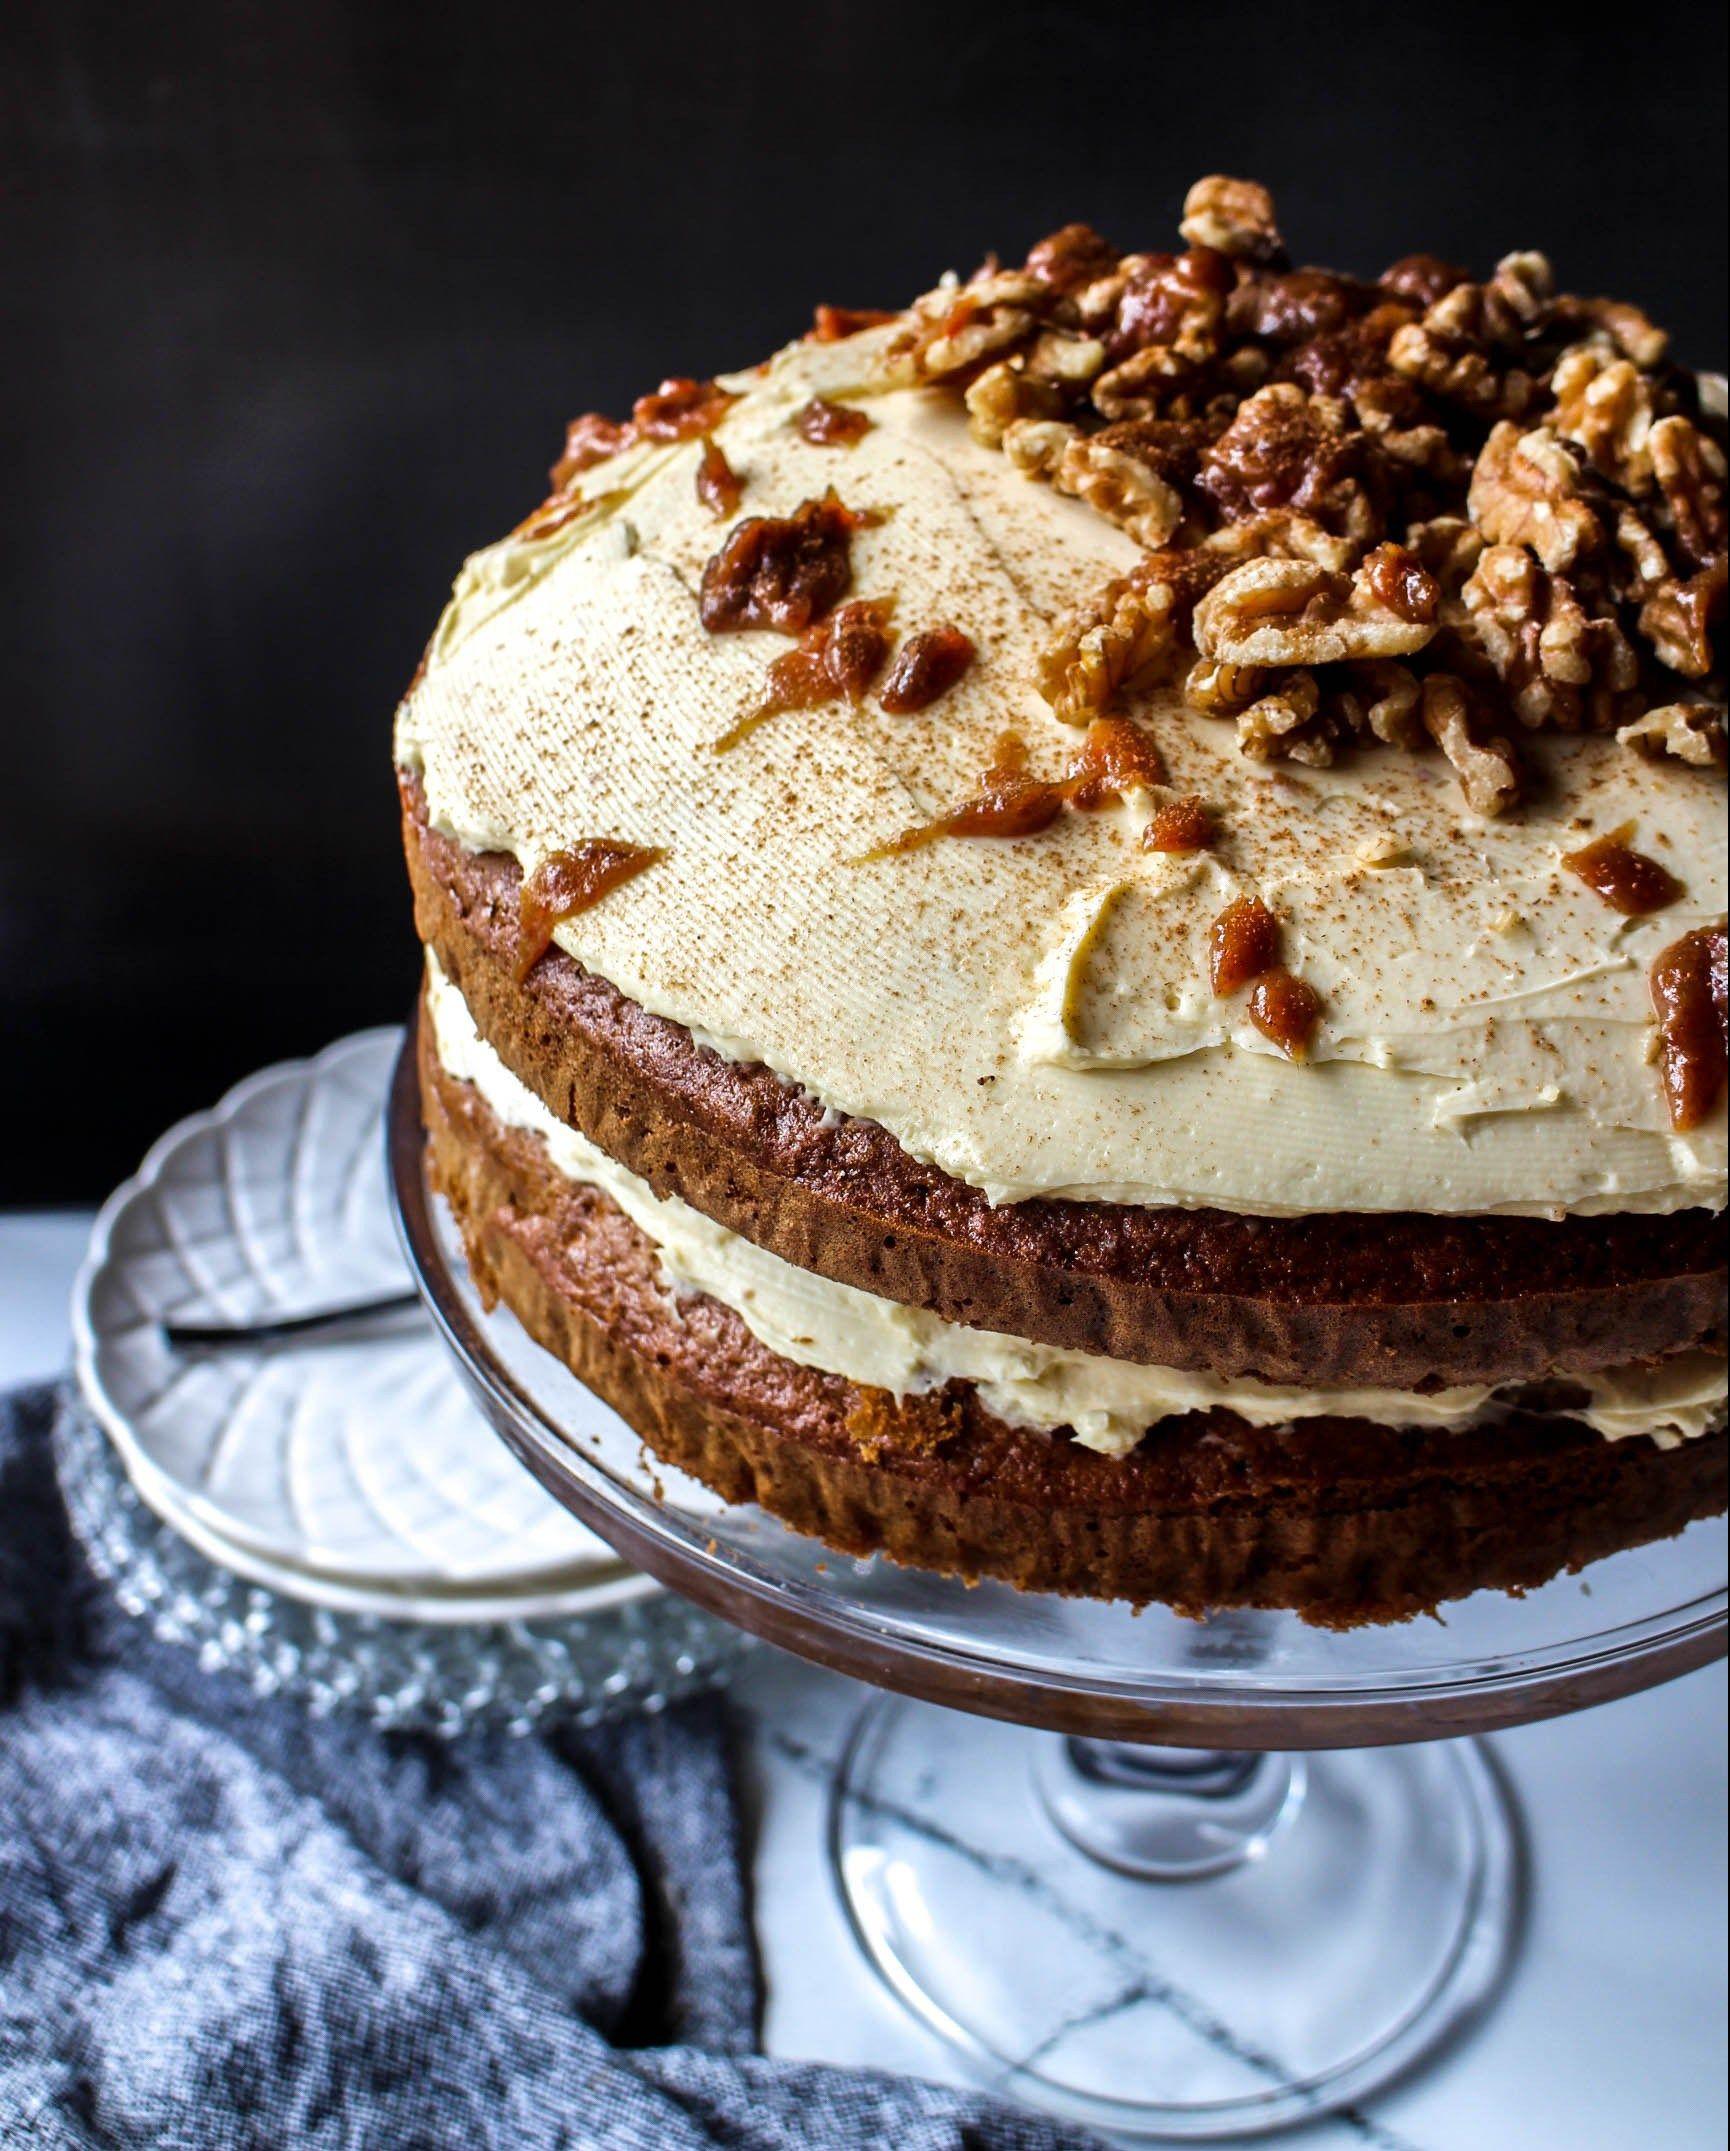 IMG_9613 Cream cheese icing, Cake with cream cheese